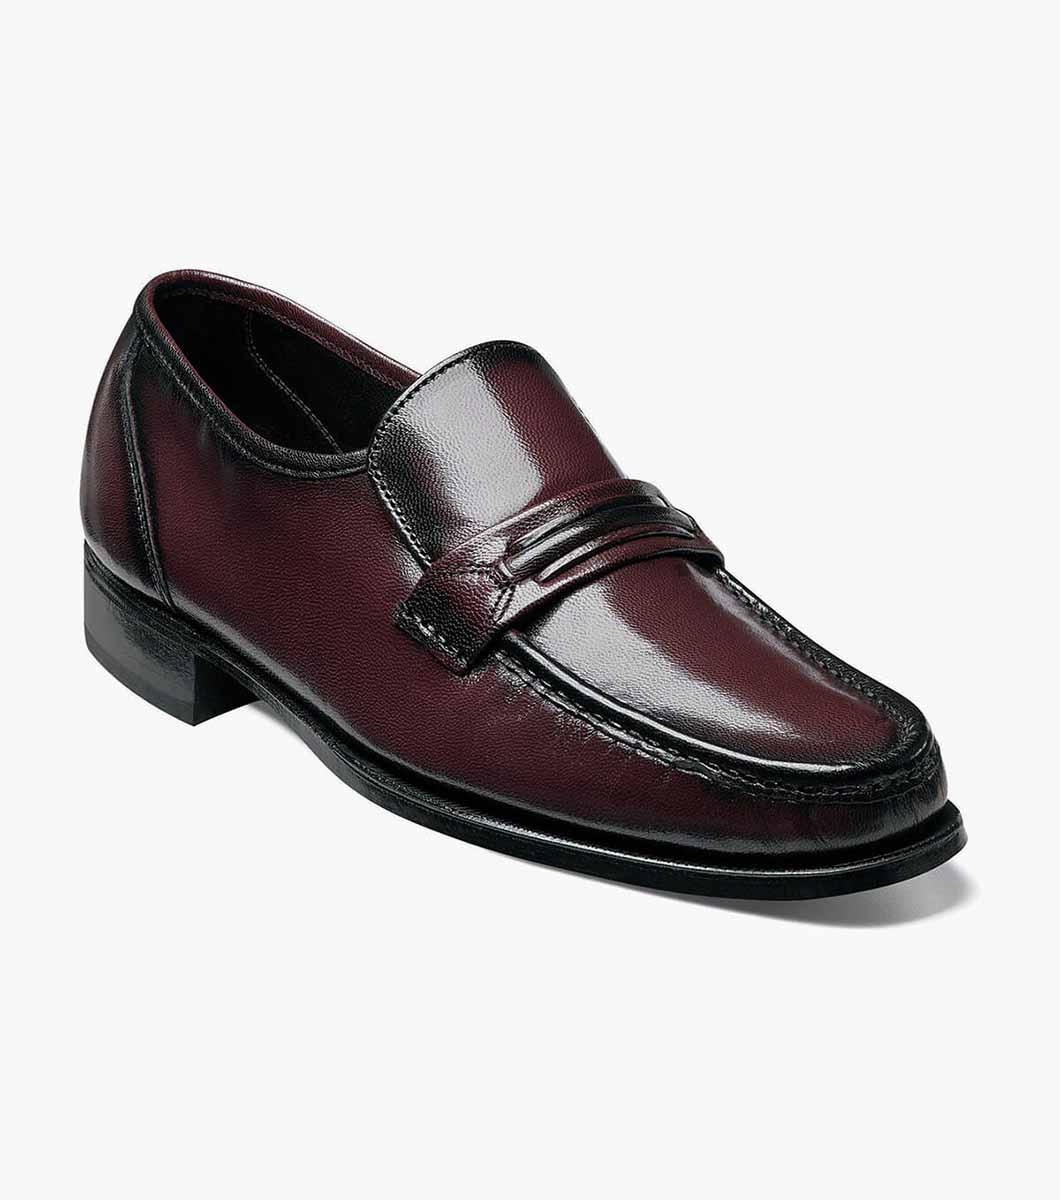 6f9a98cd668 Men s Dress Shoes